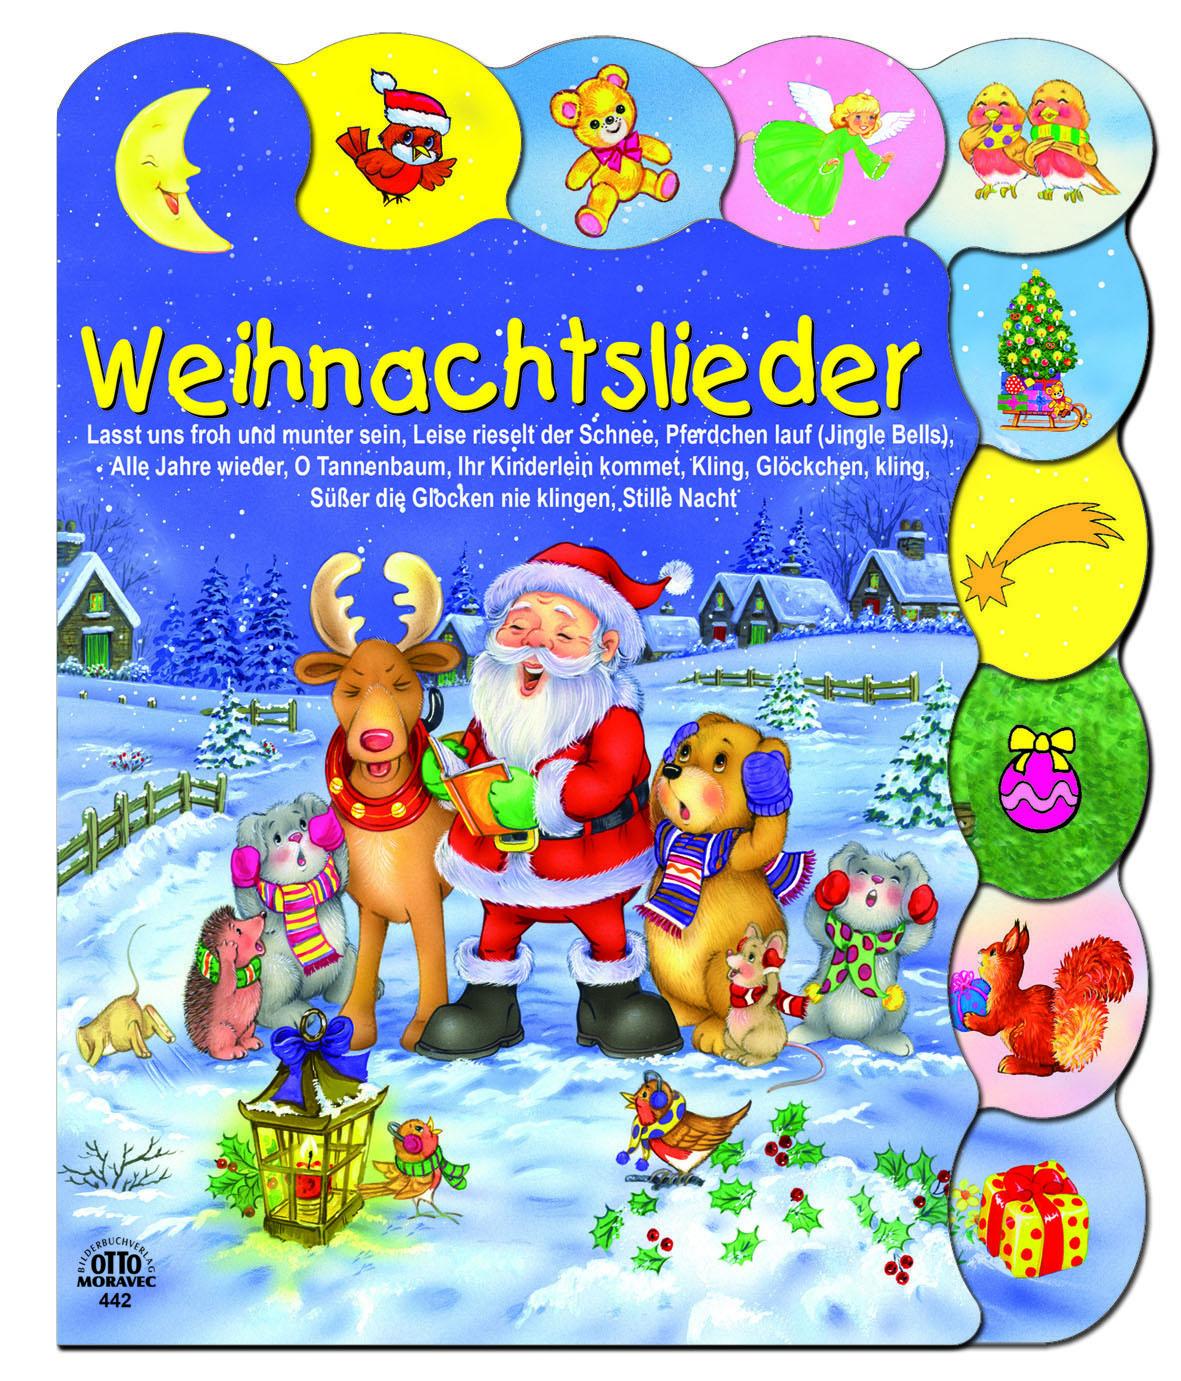 Weihnachtslieder Pappebuch + 2 CD´s / 9783961110384 | eBay